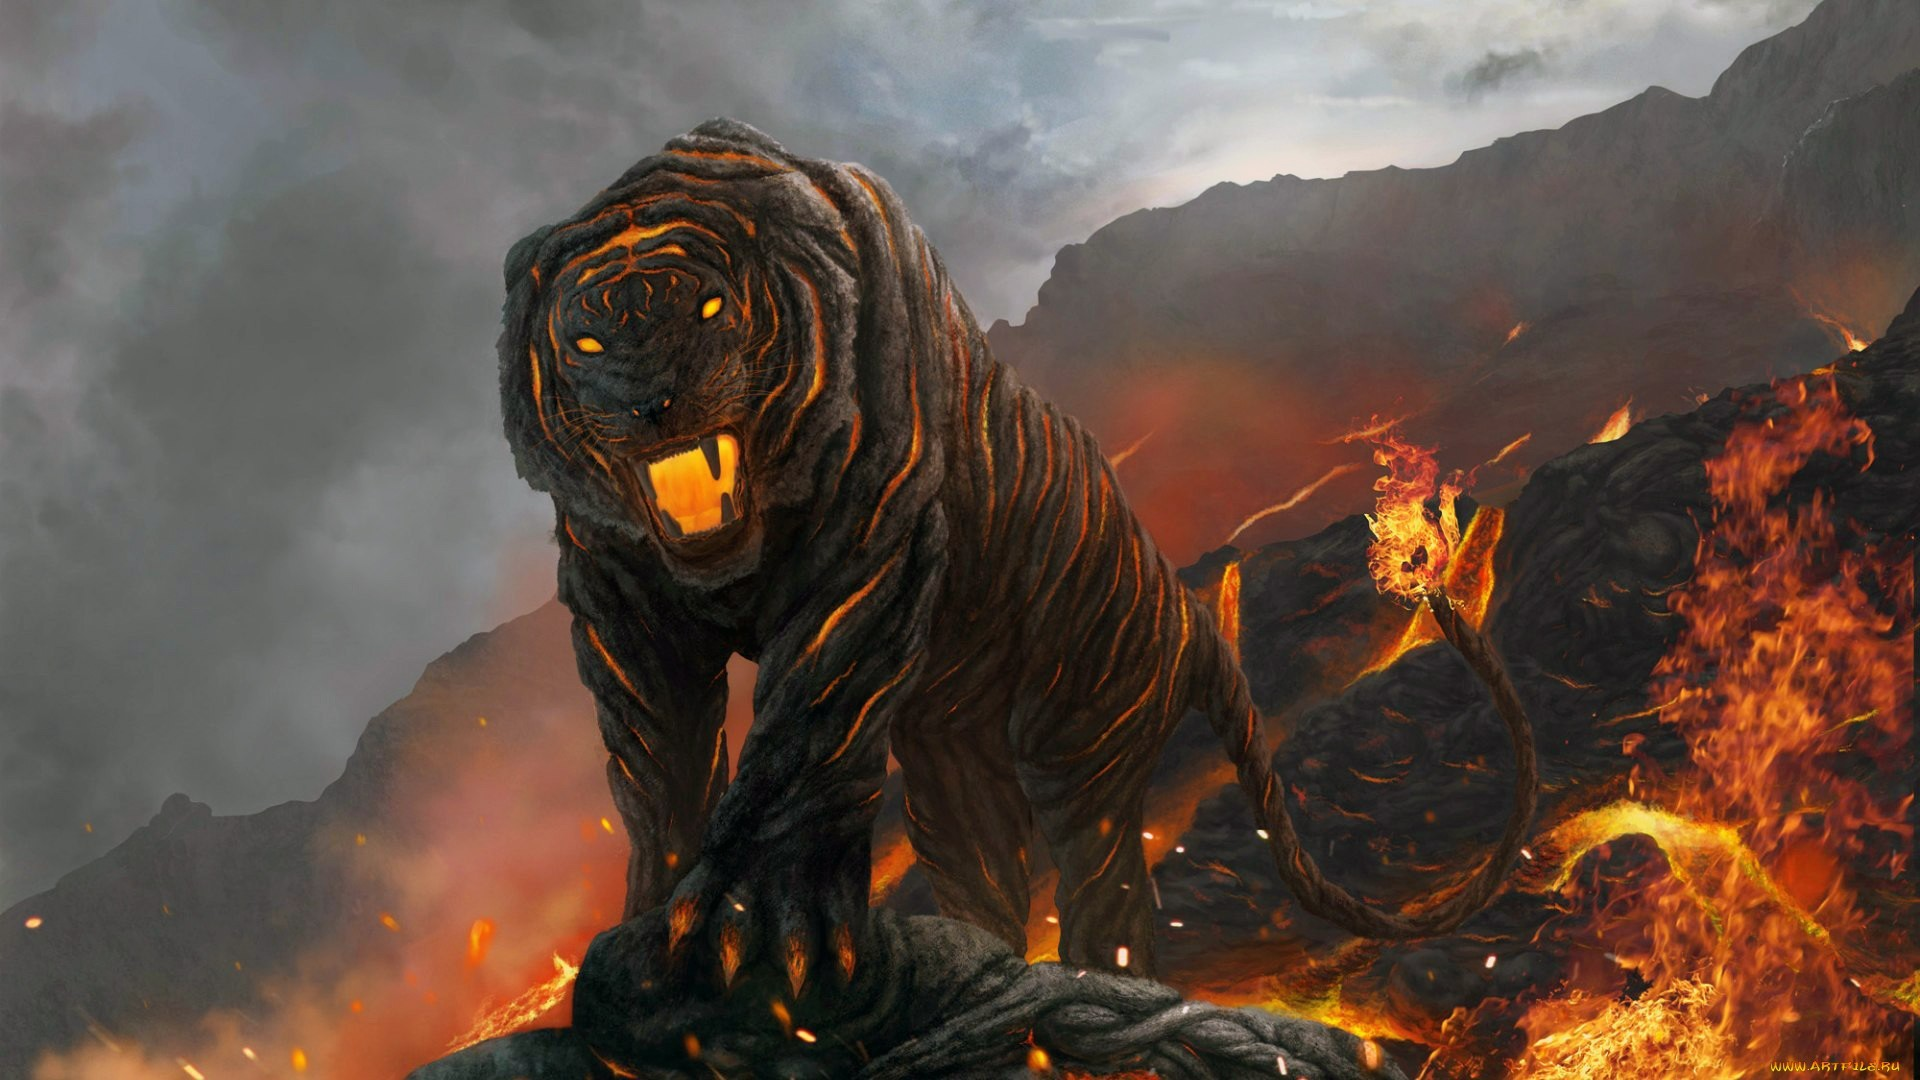 Tiger Fire wallpaper   1920x1080   64793   WallpaperUP